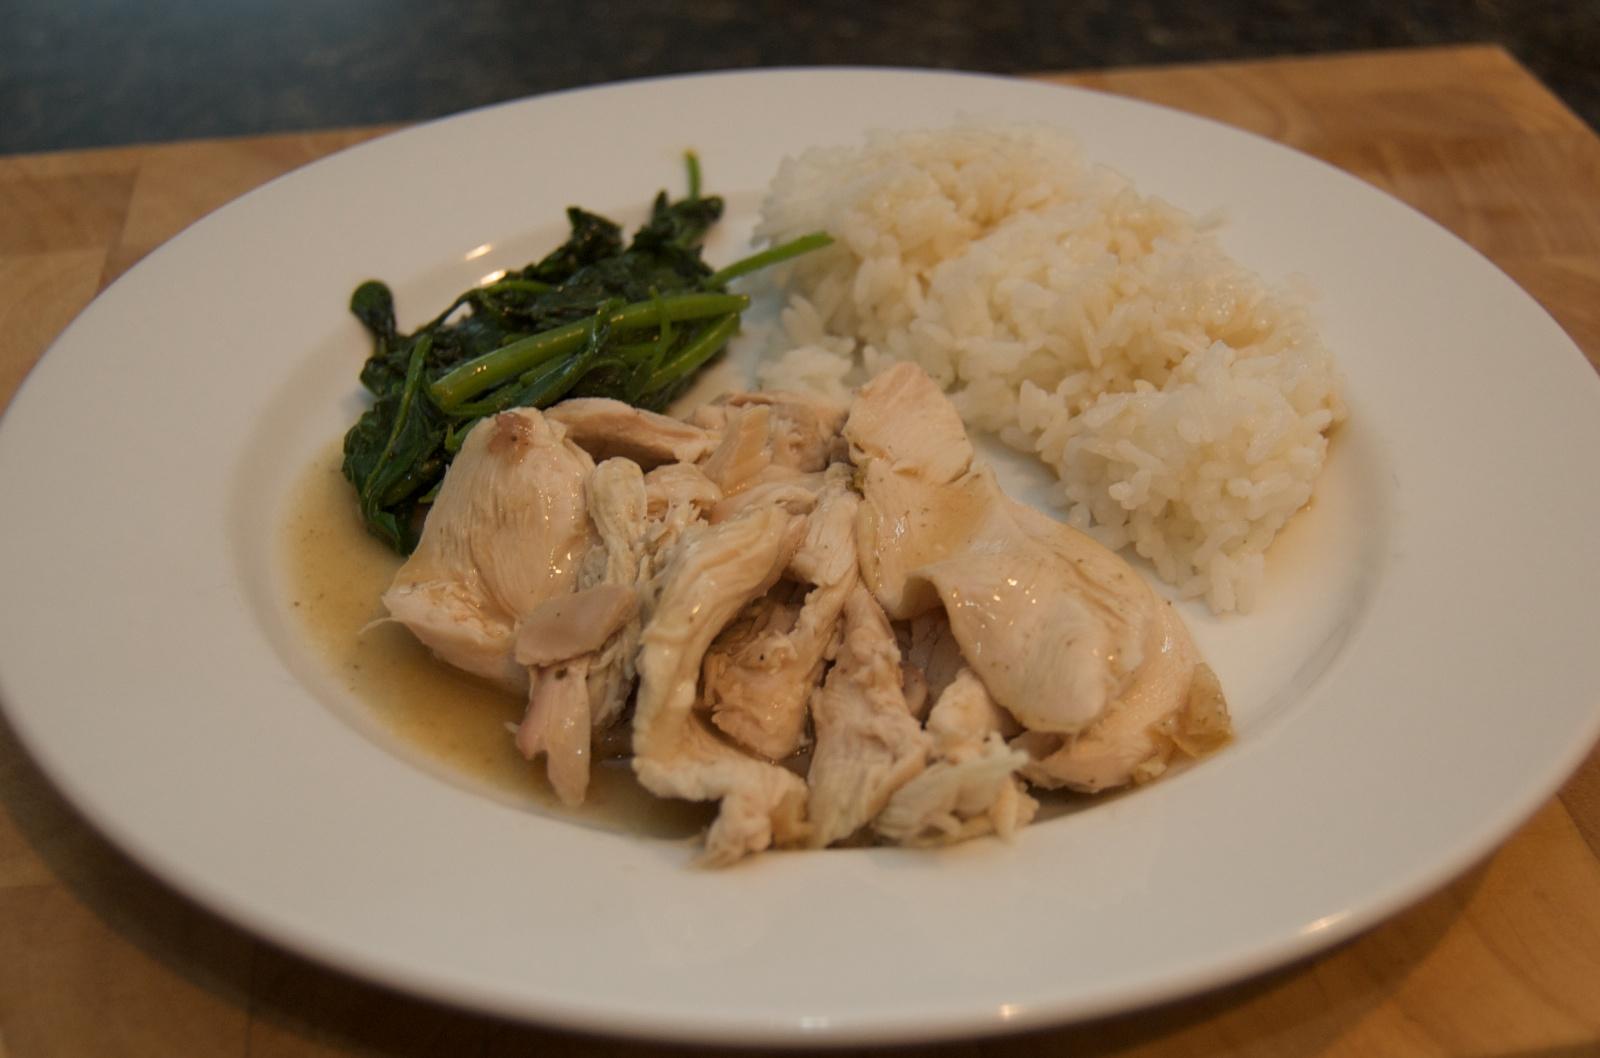 http://blog.rickk.com/food/2010/06/26/roastedchicken1.jpg